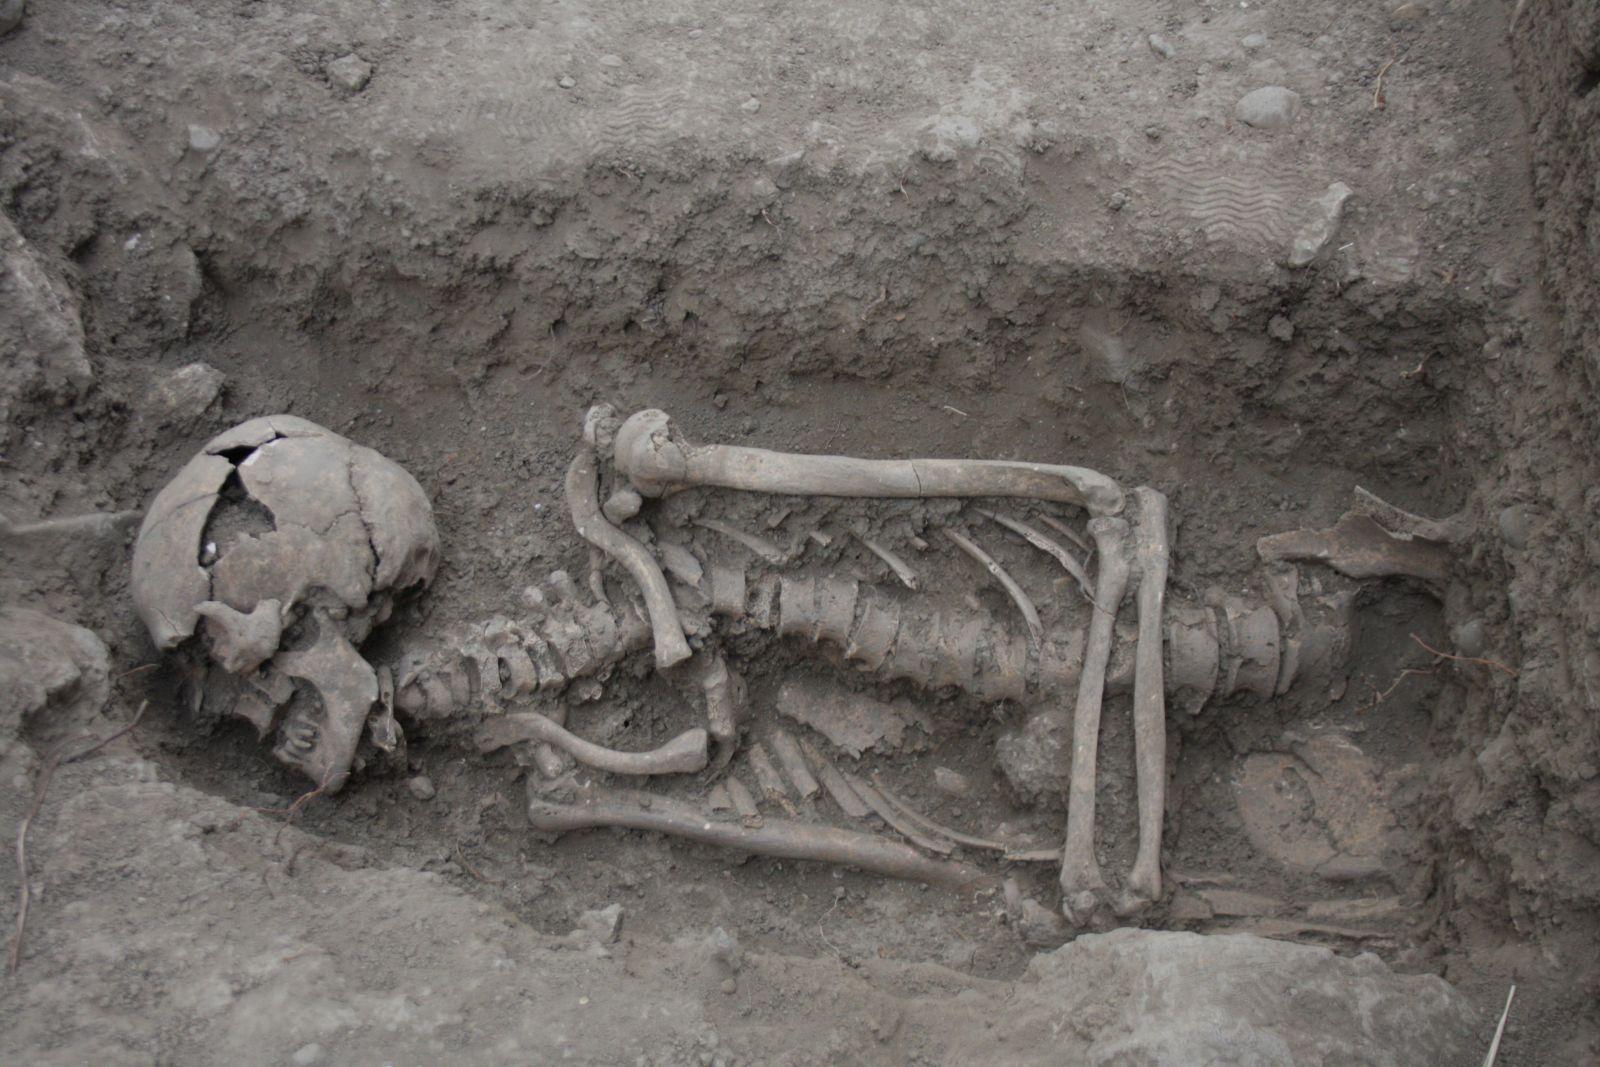 ВБелгородской области правоохранительные органы отыскали скелет 20-летней давности